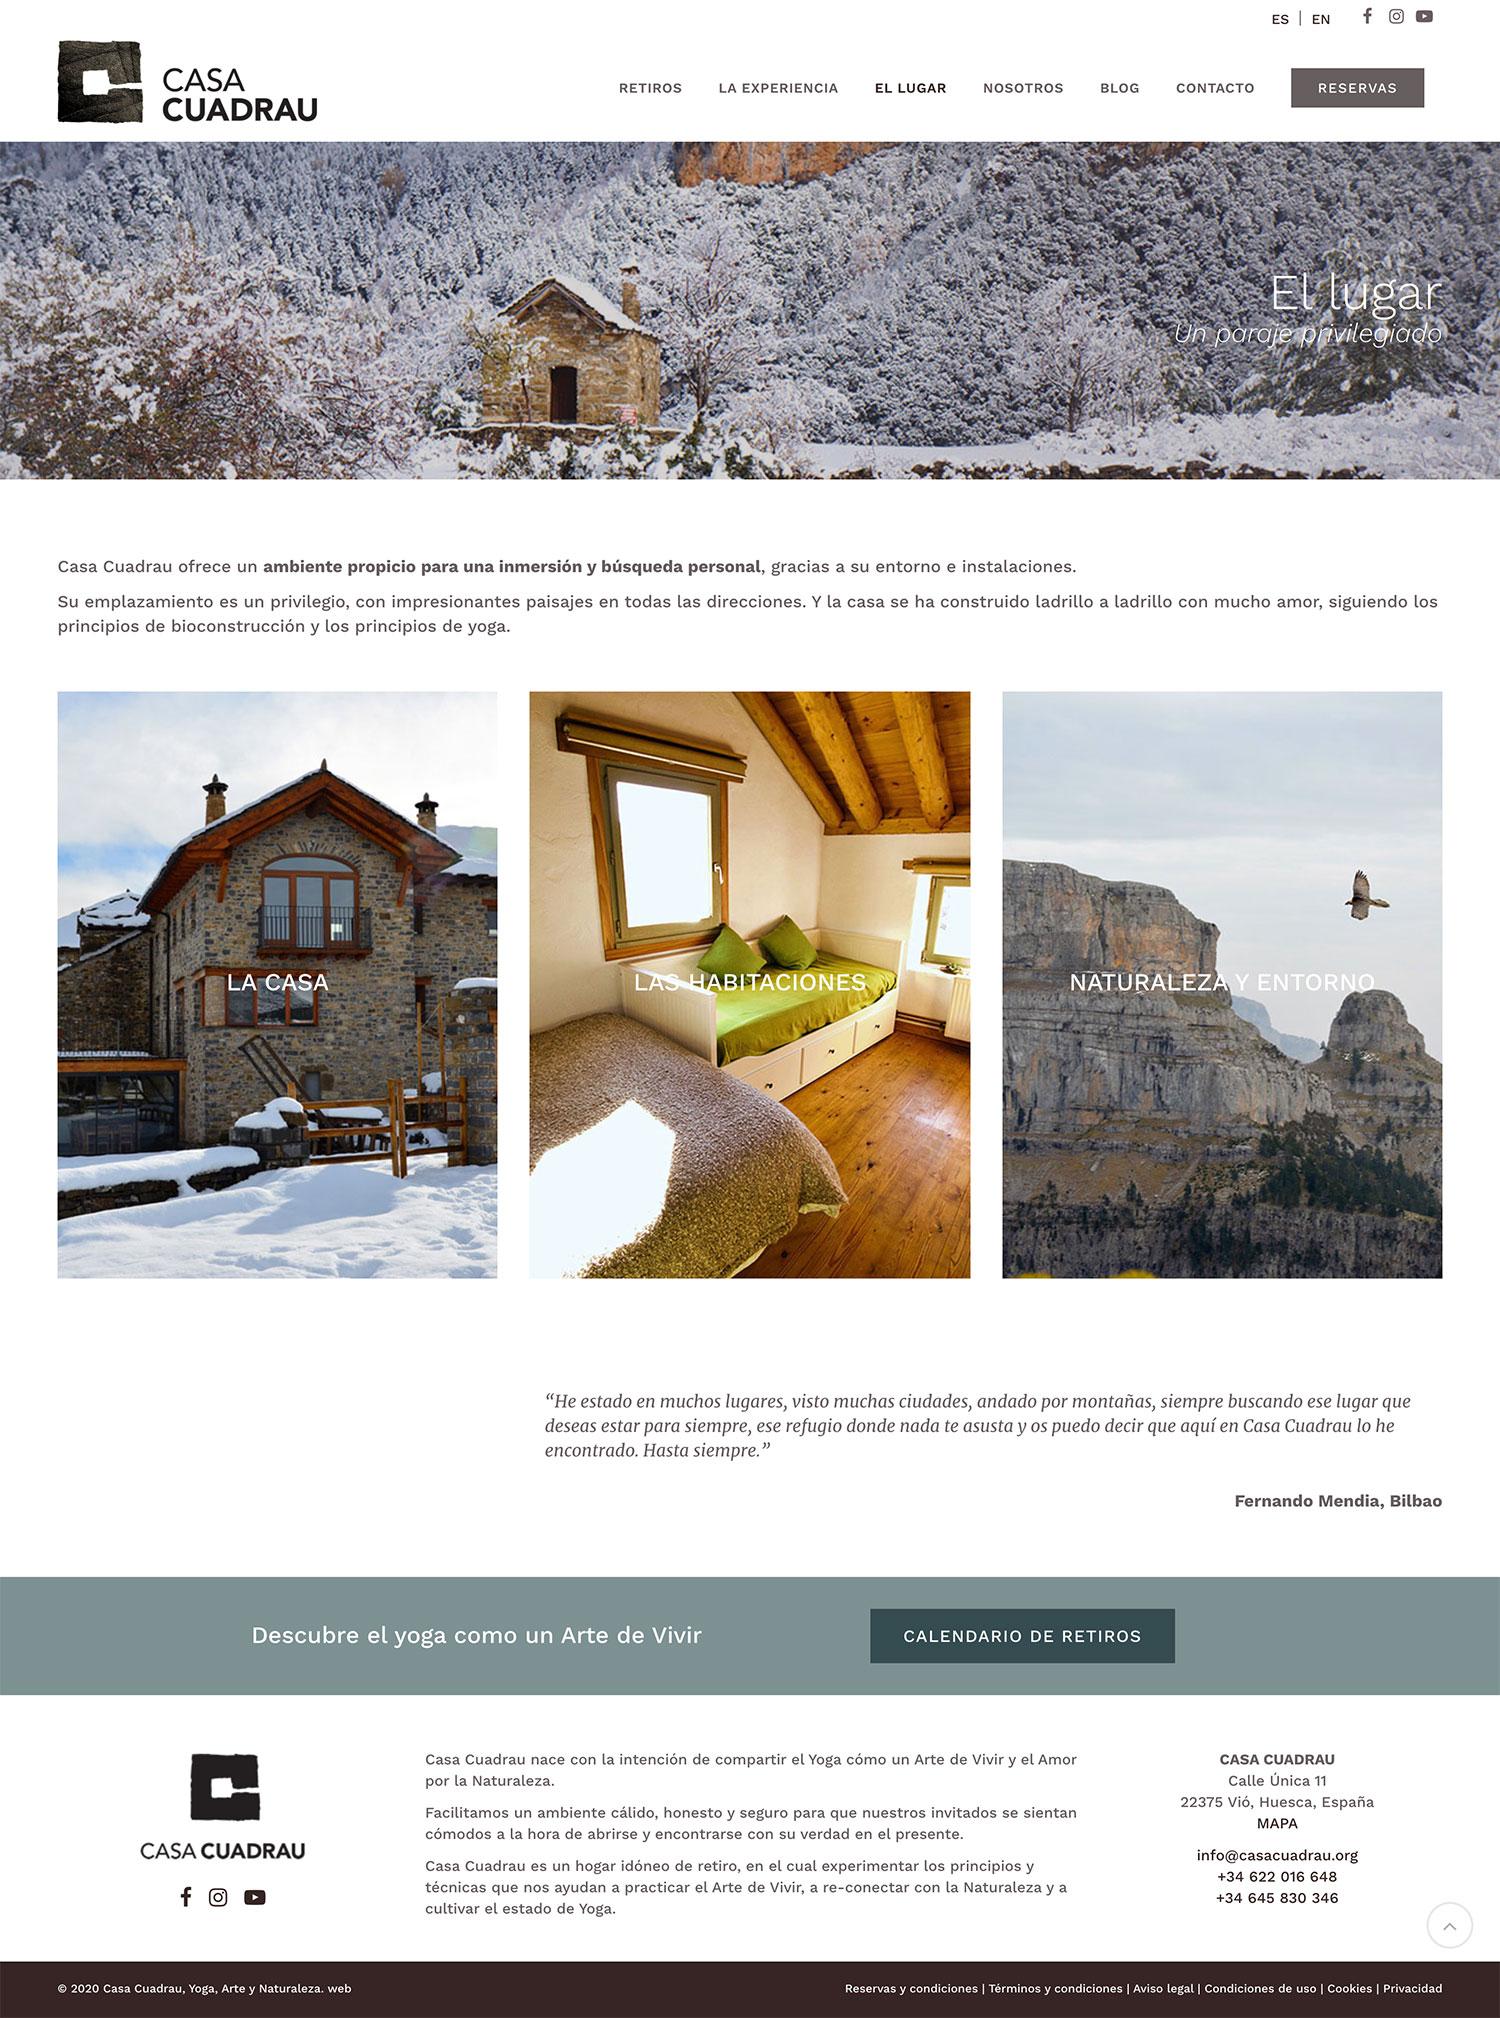 Casa Cuadrau ★ Retiros de Yoga en el Pirineo ★ Website